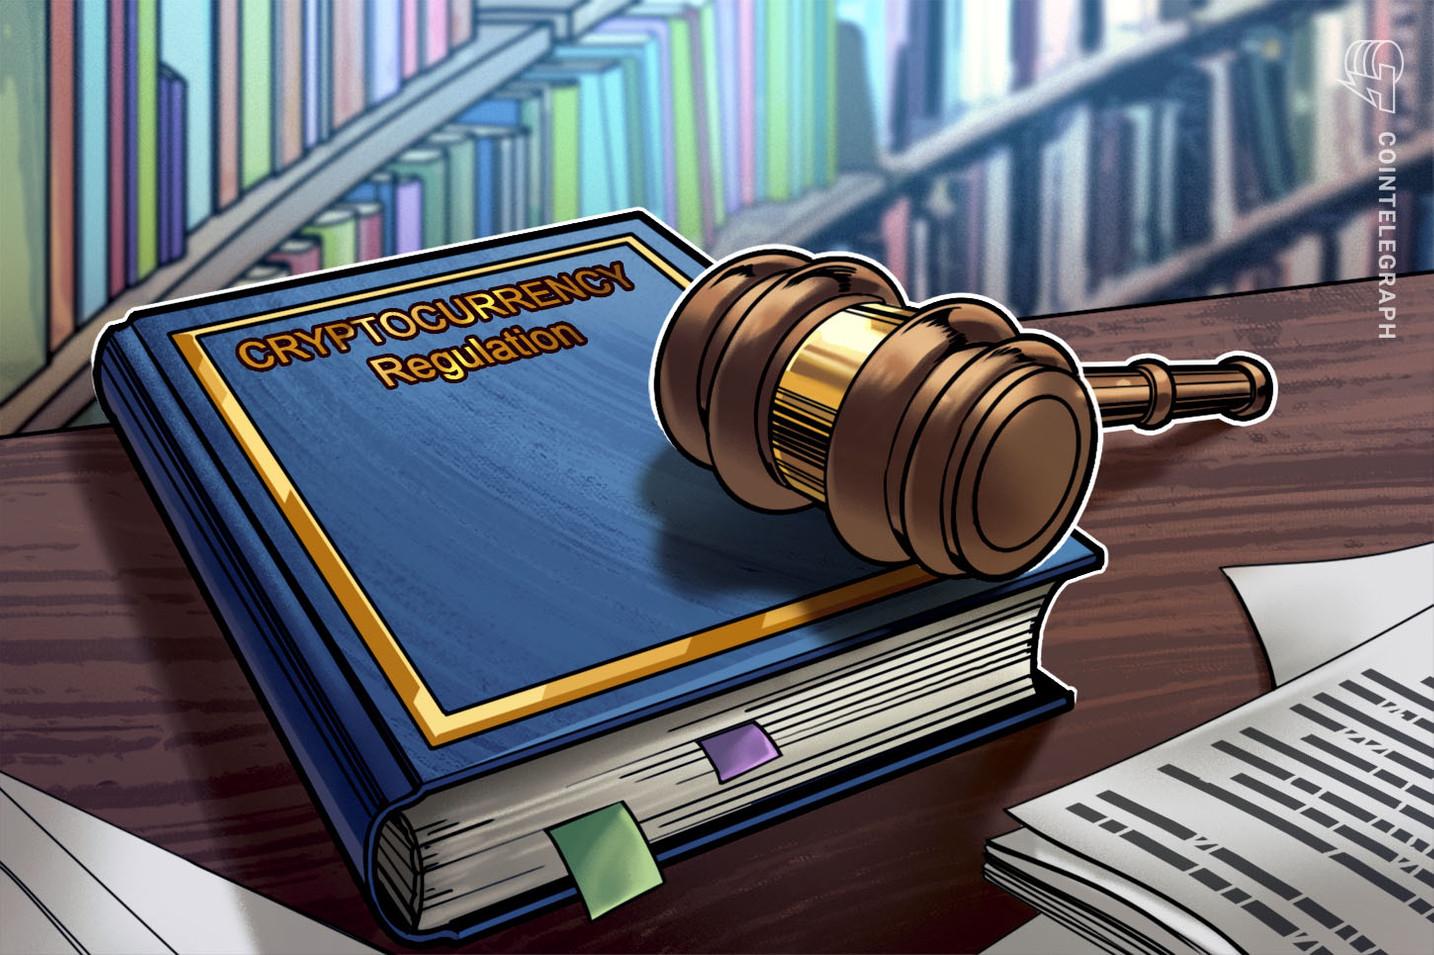 香港とアブダビ、マネロン対策など仮想通貨規制変更へ FATF規制に対応【ニュース】